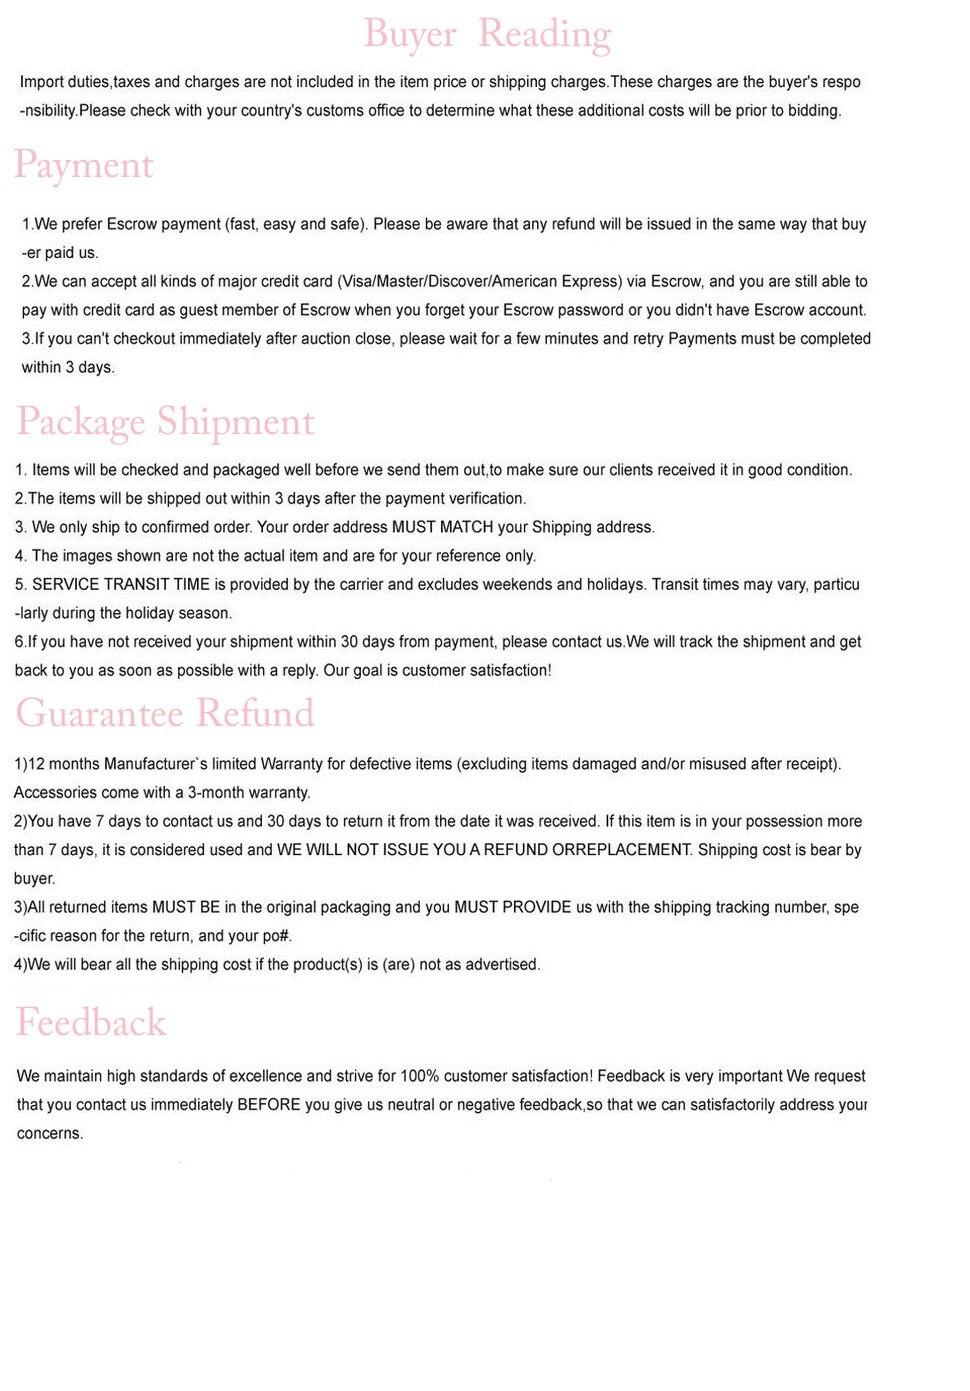 50 шт персонализированные маленький подарок для вечерние многофункциональный брелок/инструмент плоскогубцы пользу заказ свадебного пользу и подарок для Свадебная вечеринка